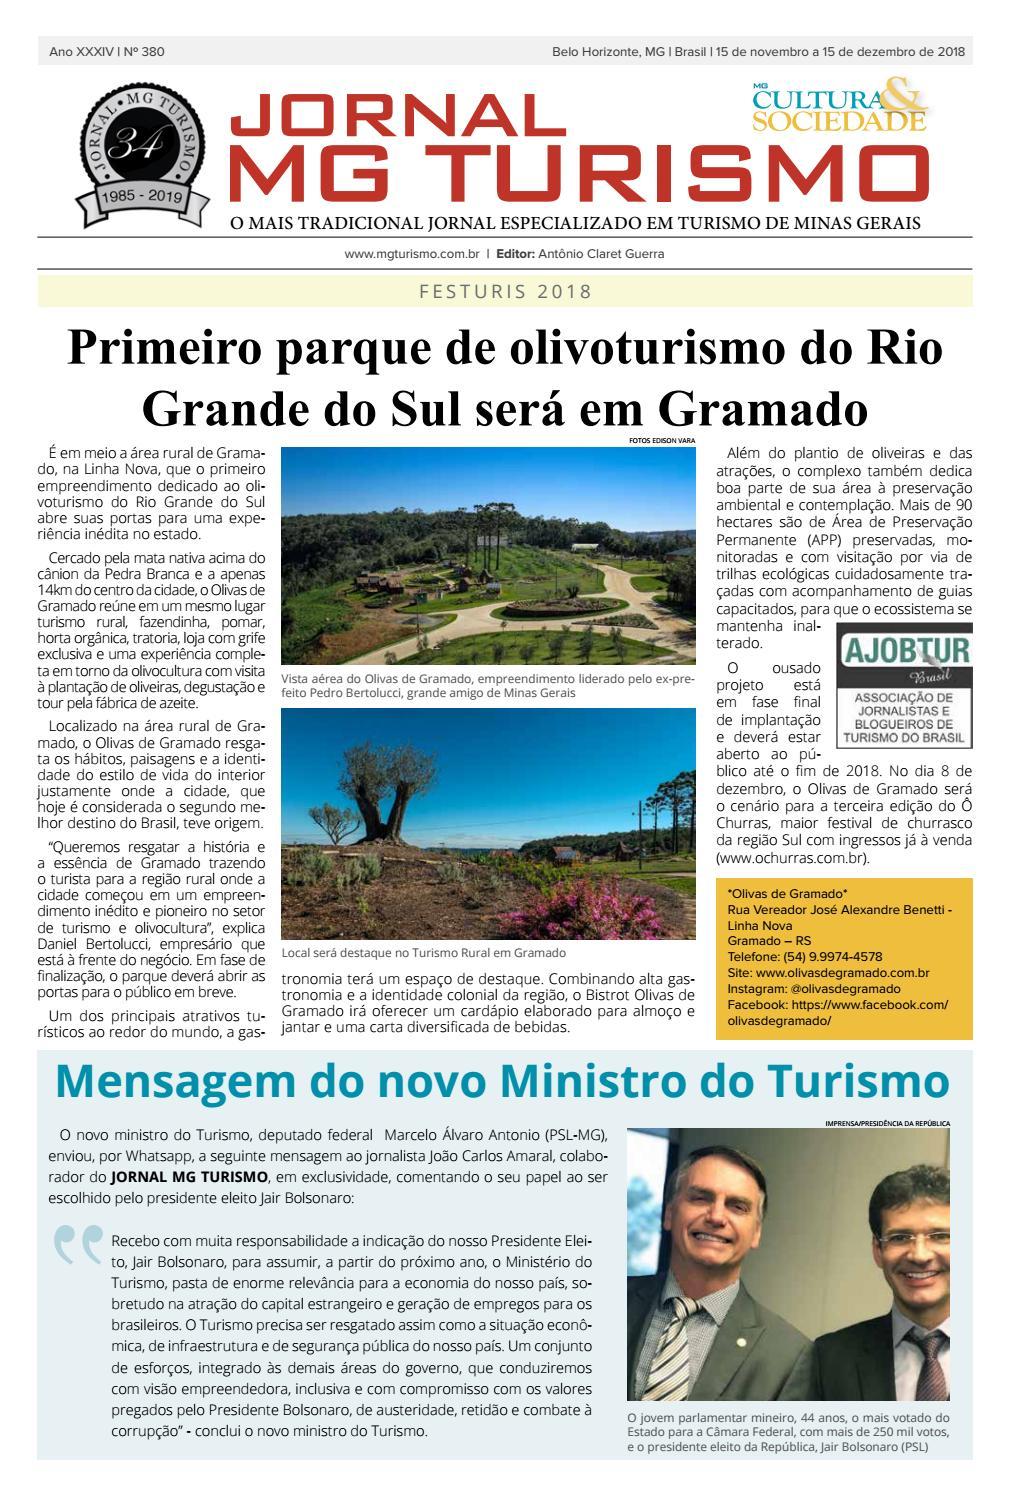 Jornal MGTurismo - Edição 380 - Dezembro 2018 by JORNAL MG TURISMO - issuu c35a31ffd67d2